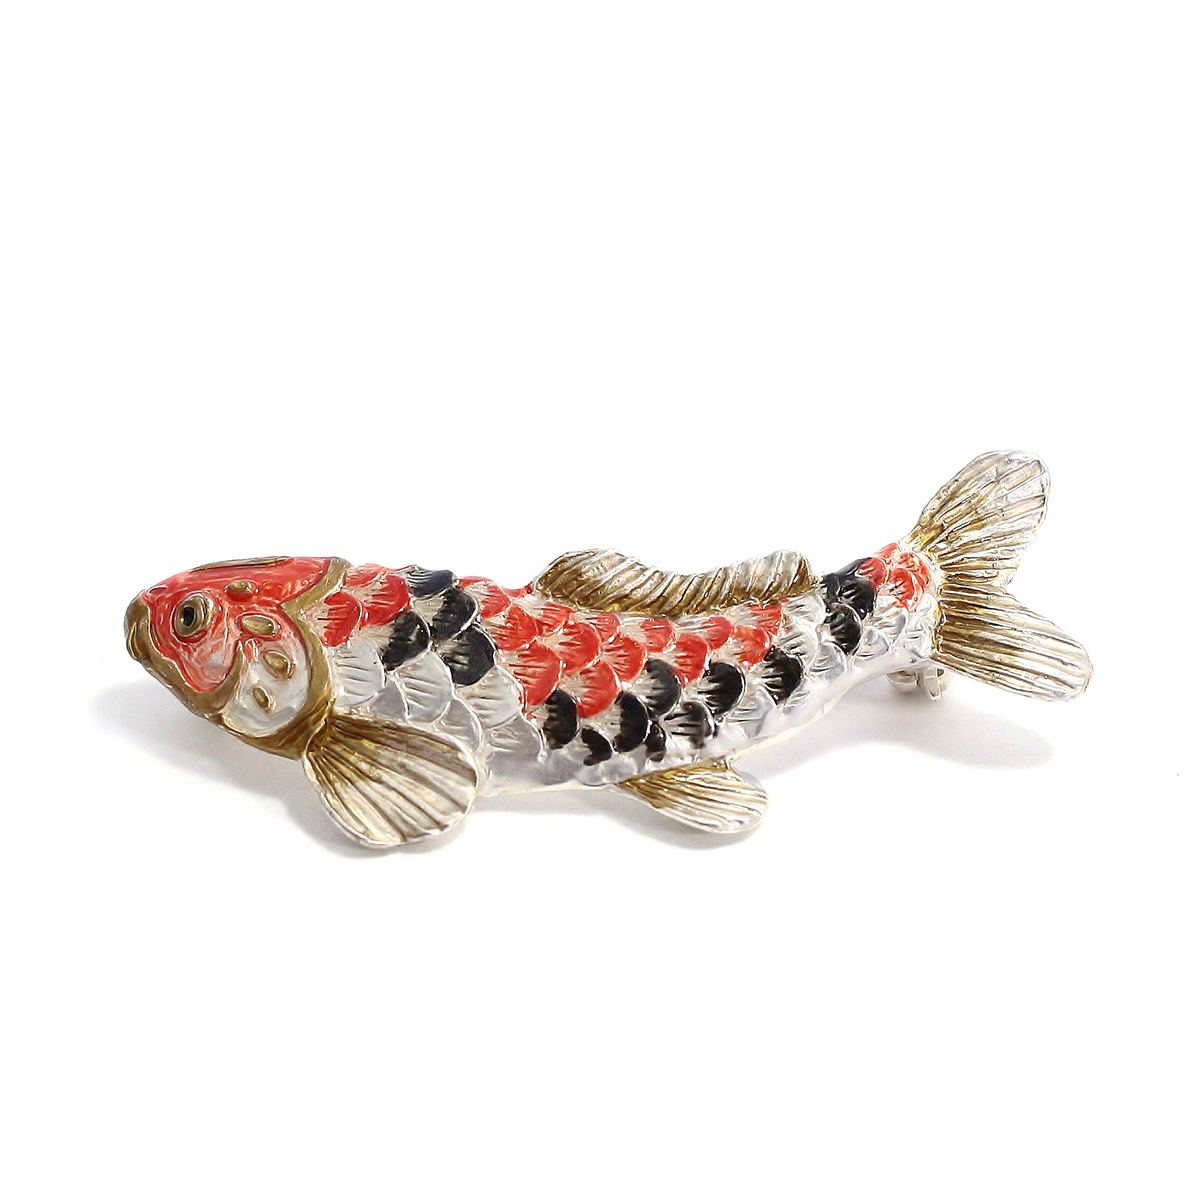 鯉のぼりブローチ / ピンブローチ